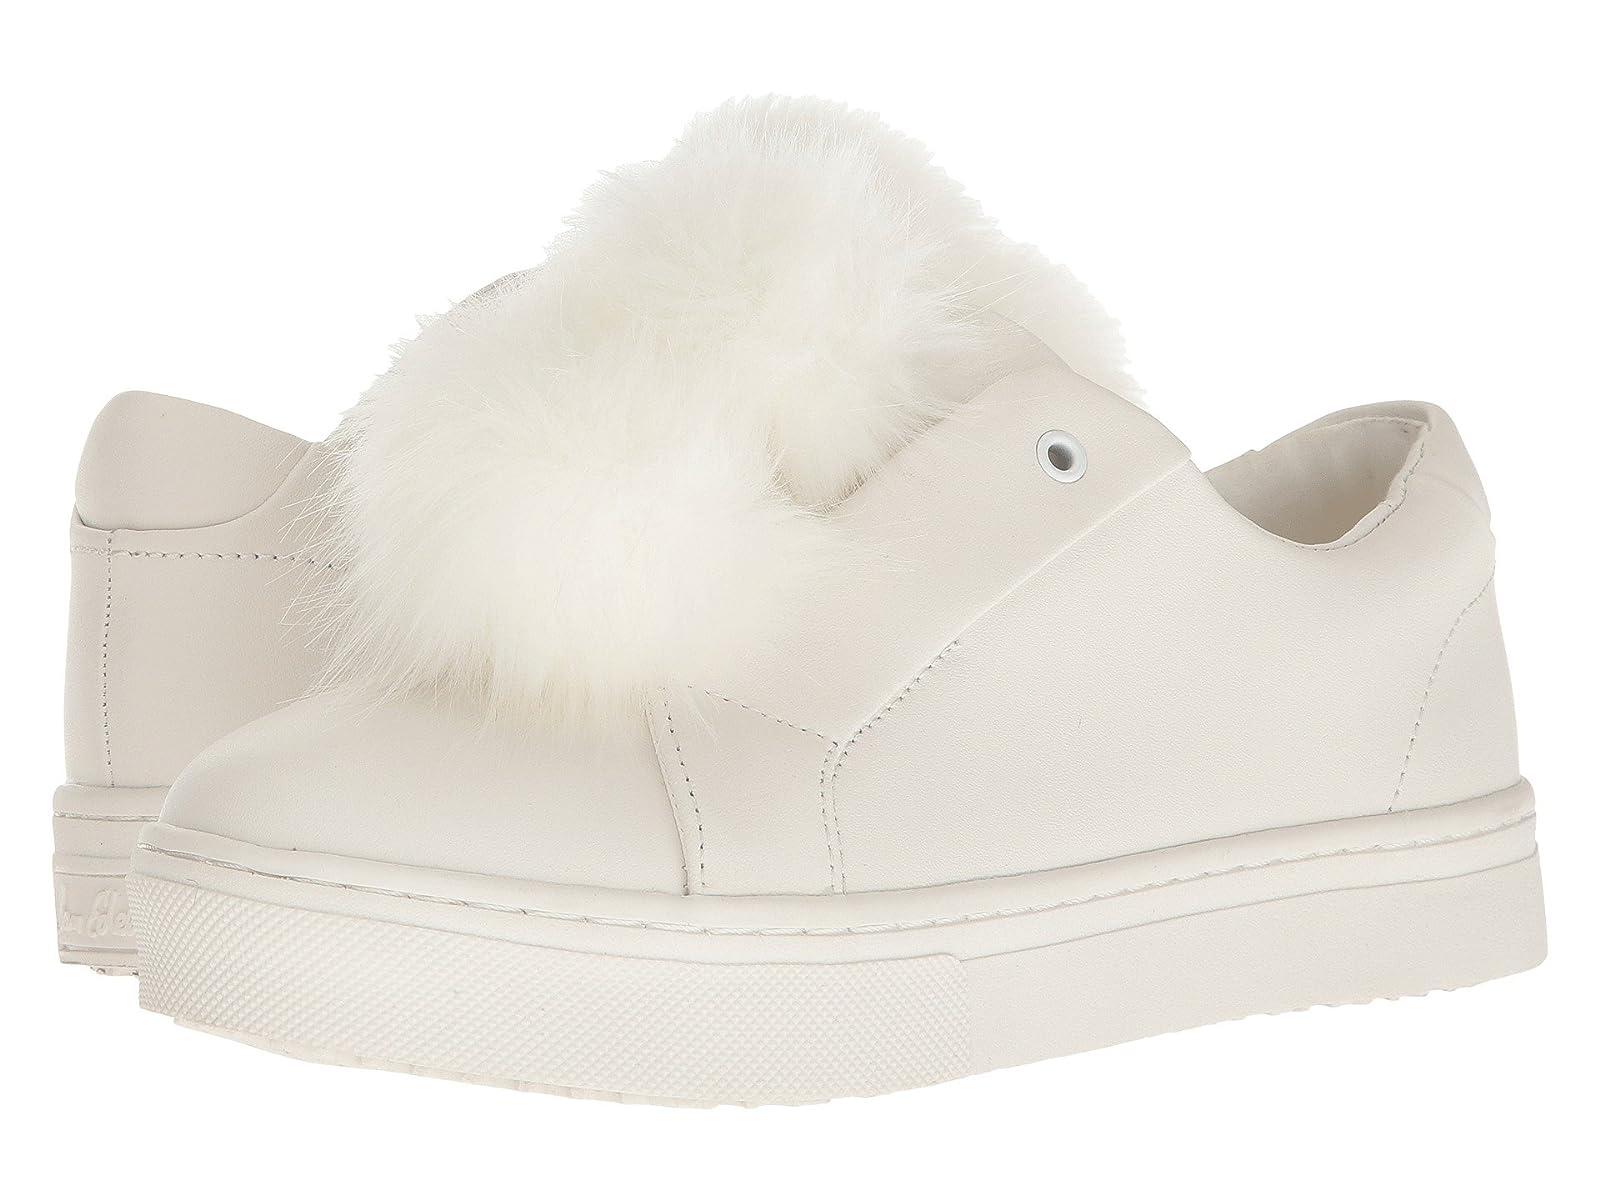 Sam Edelman LeyaCheap and distinctive eye-catching shoes